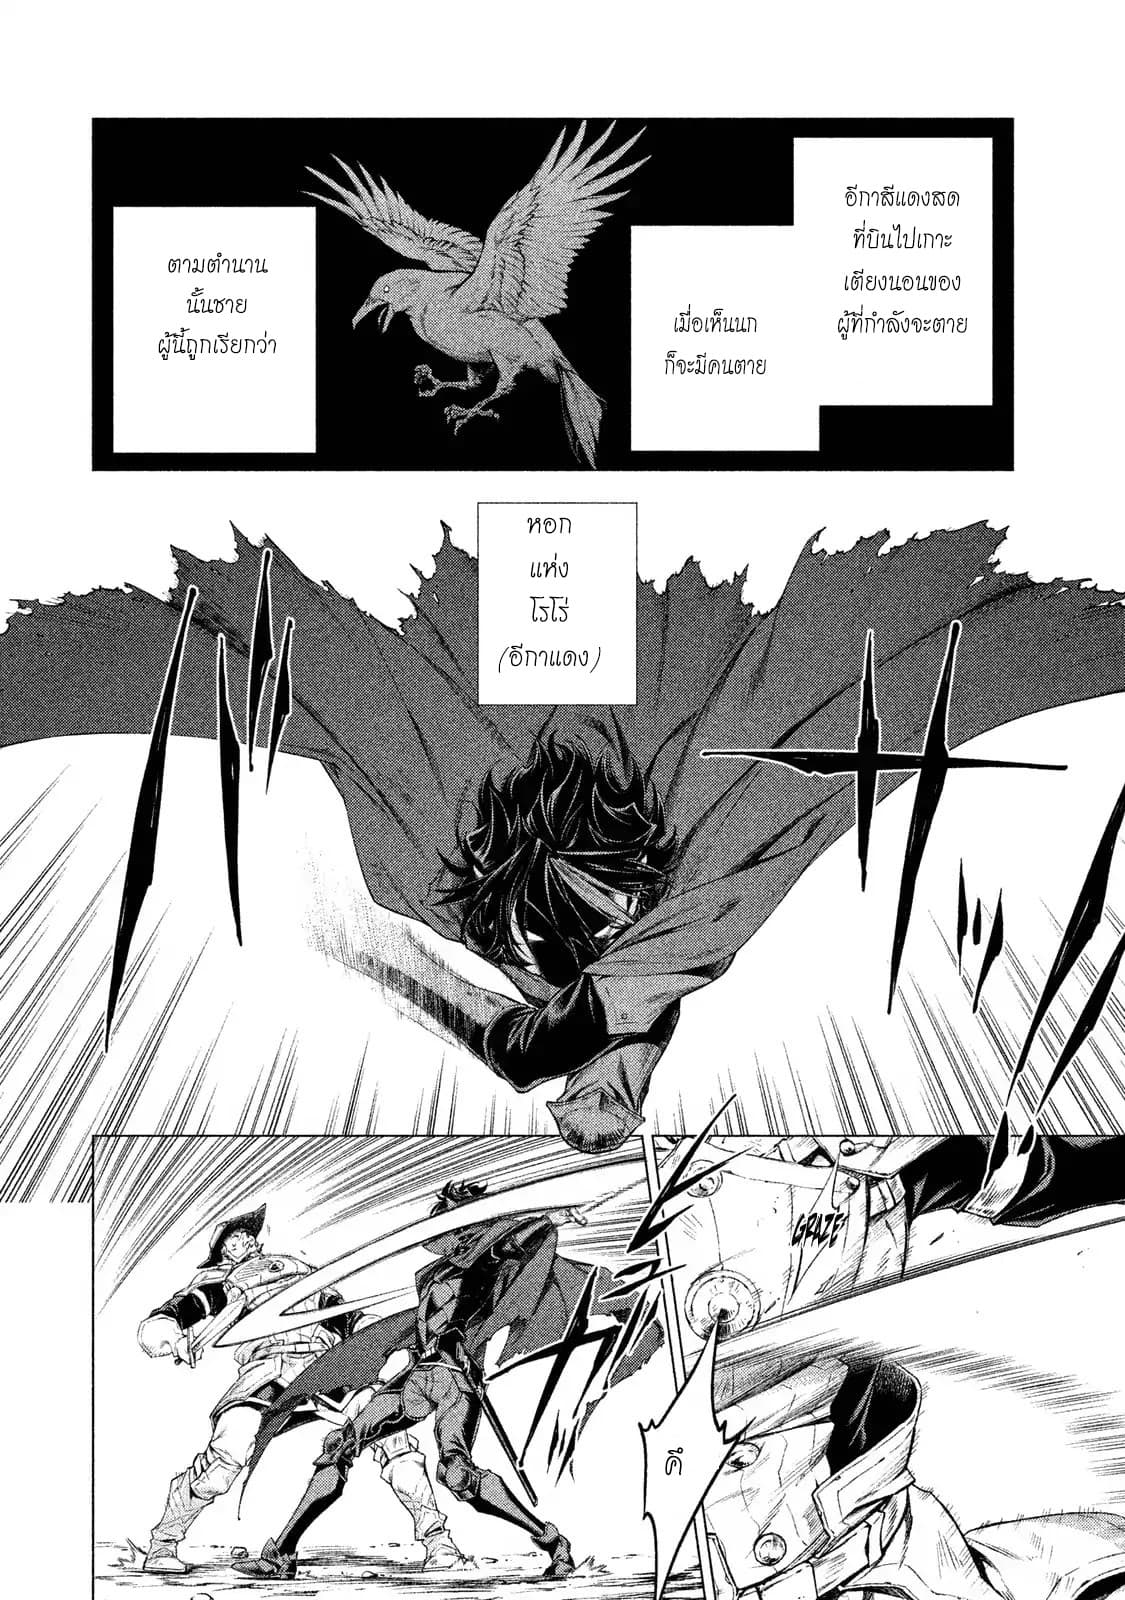 อ่านการ์ตูน Henkyou no Roukishi - Bard Loen ตอนที่ 3 หน้าที่ 6